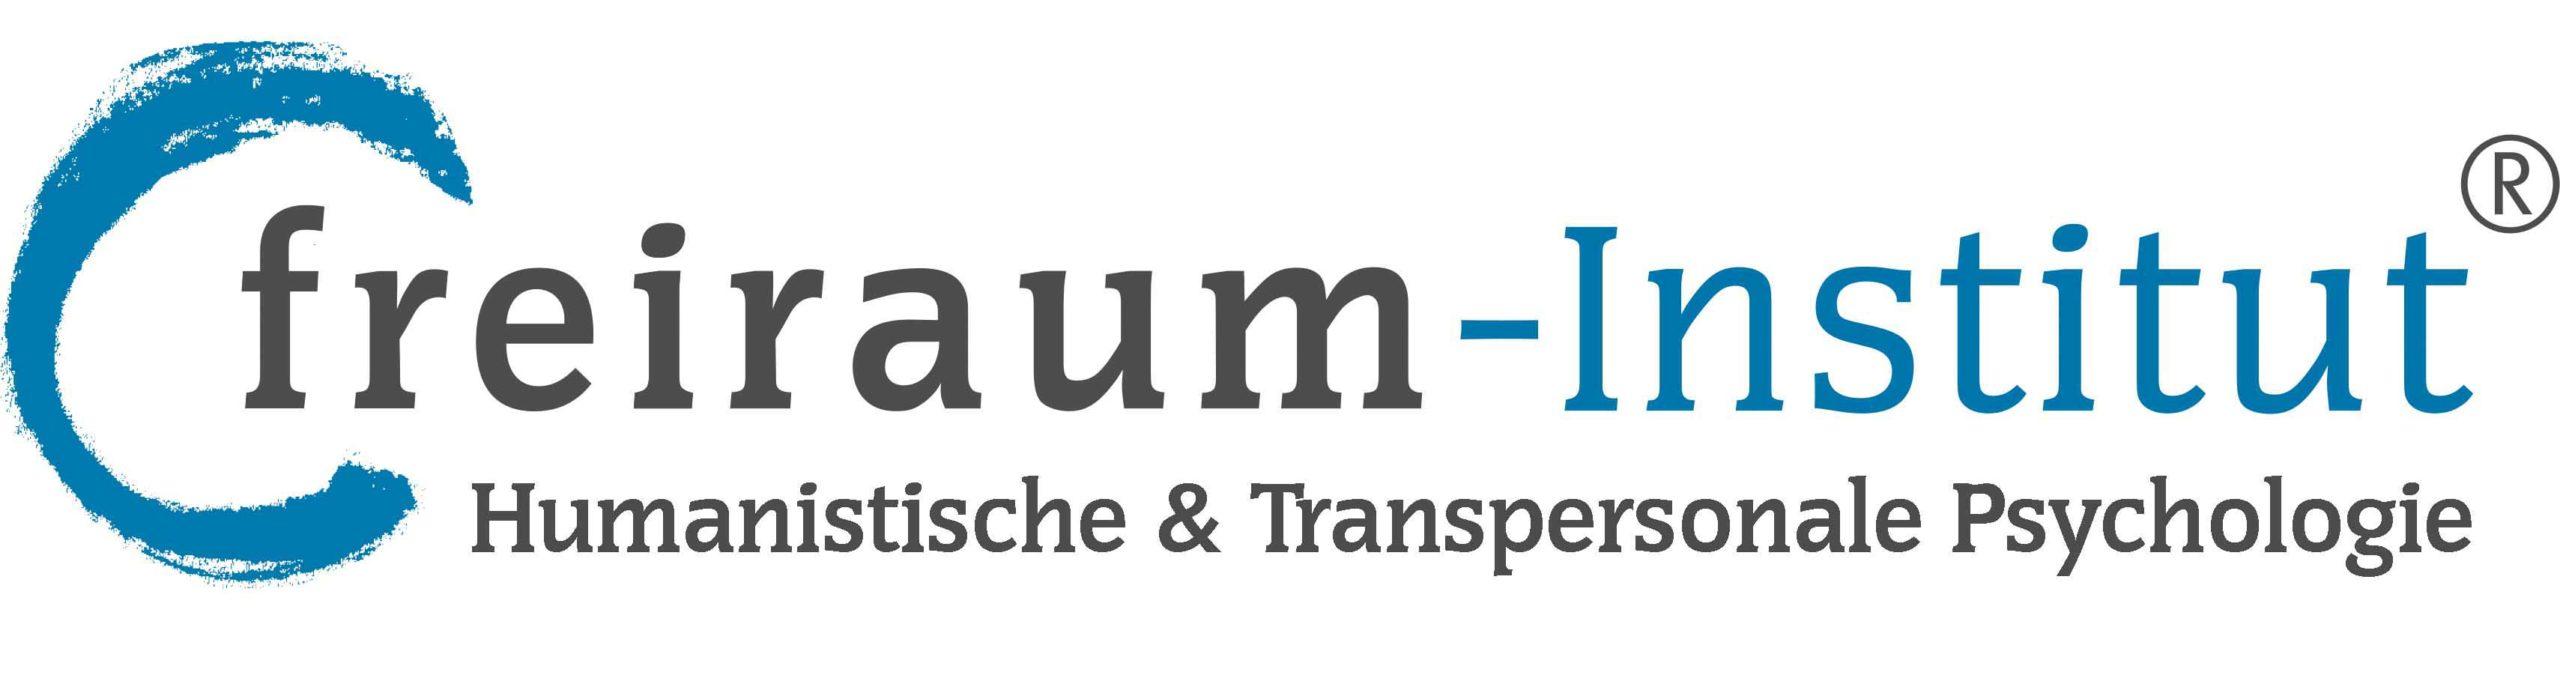 Logo des freiraum-Instituts humanistische und transpersonale Psychologie von Jörg Fuhrmann